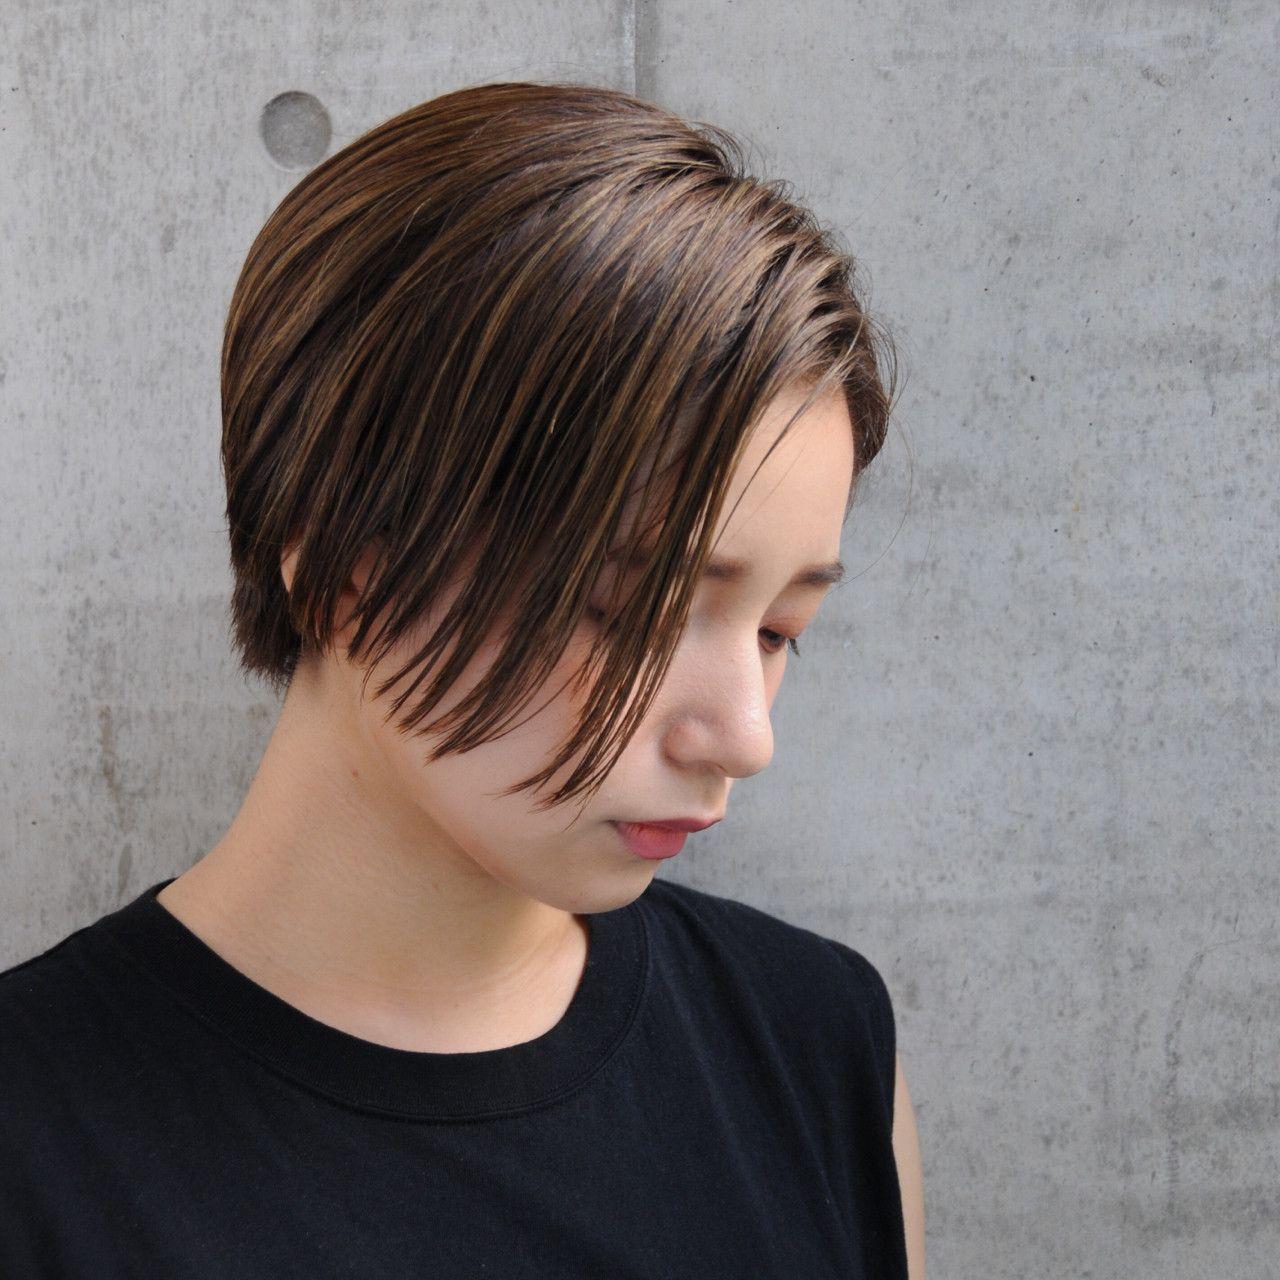 ボード ショートヘア Short Hair のピン